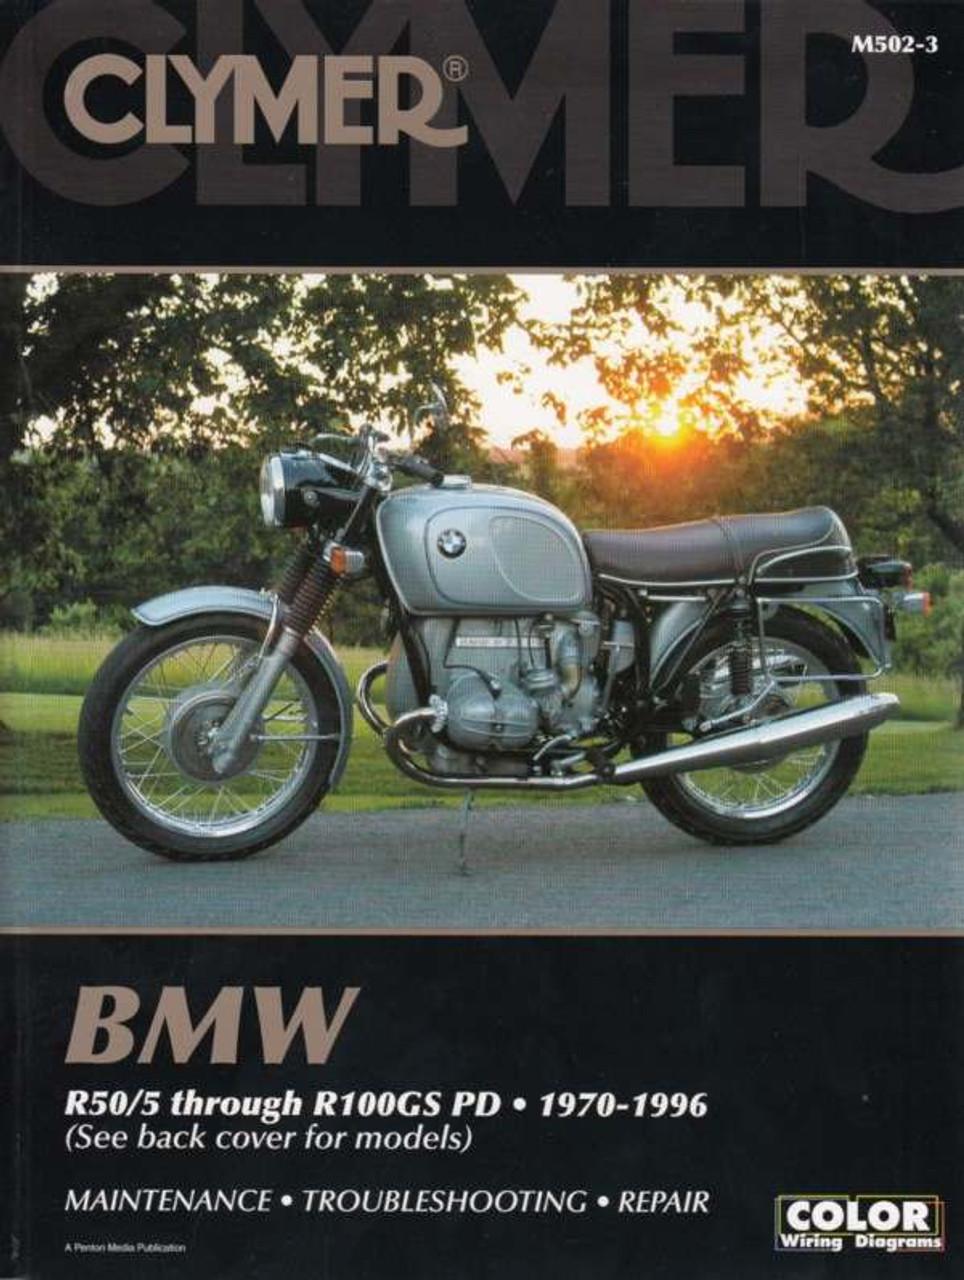 3 Pack Oil Filter for Kawasaki KZ750 KZ-750 KZ 750 Ltd Twin 1976 1977 1978-1984